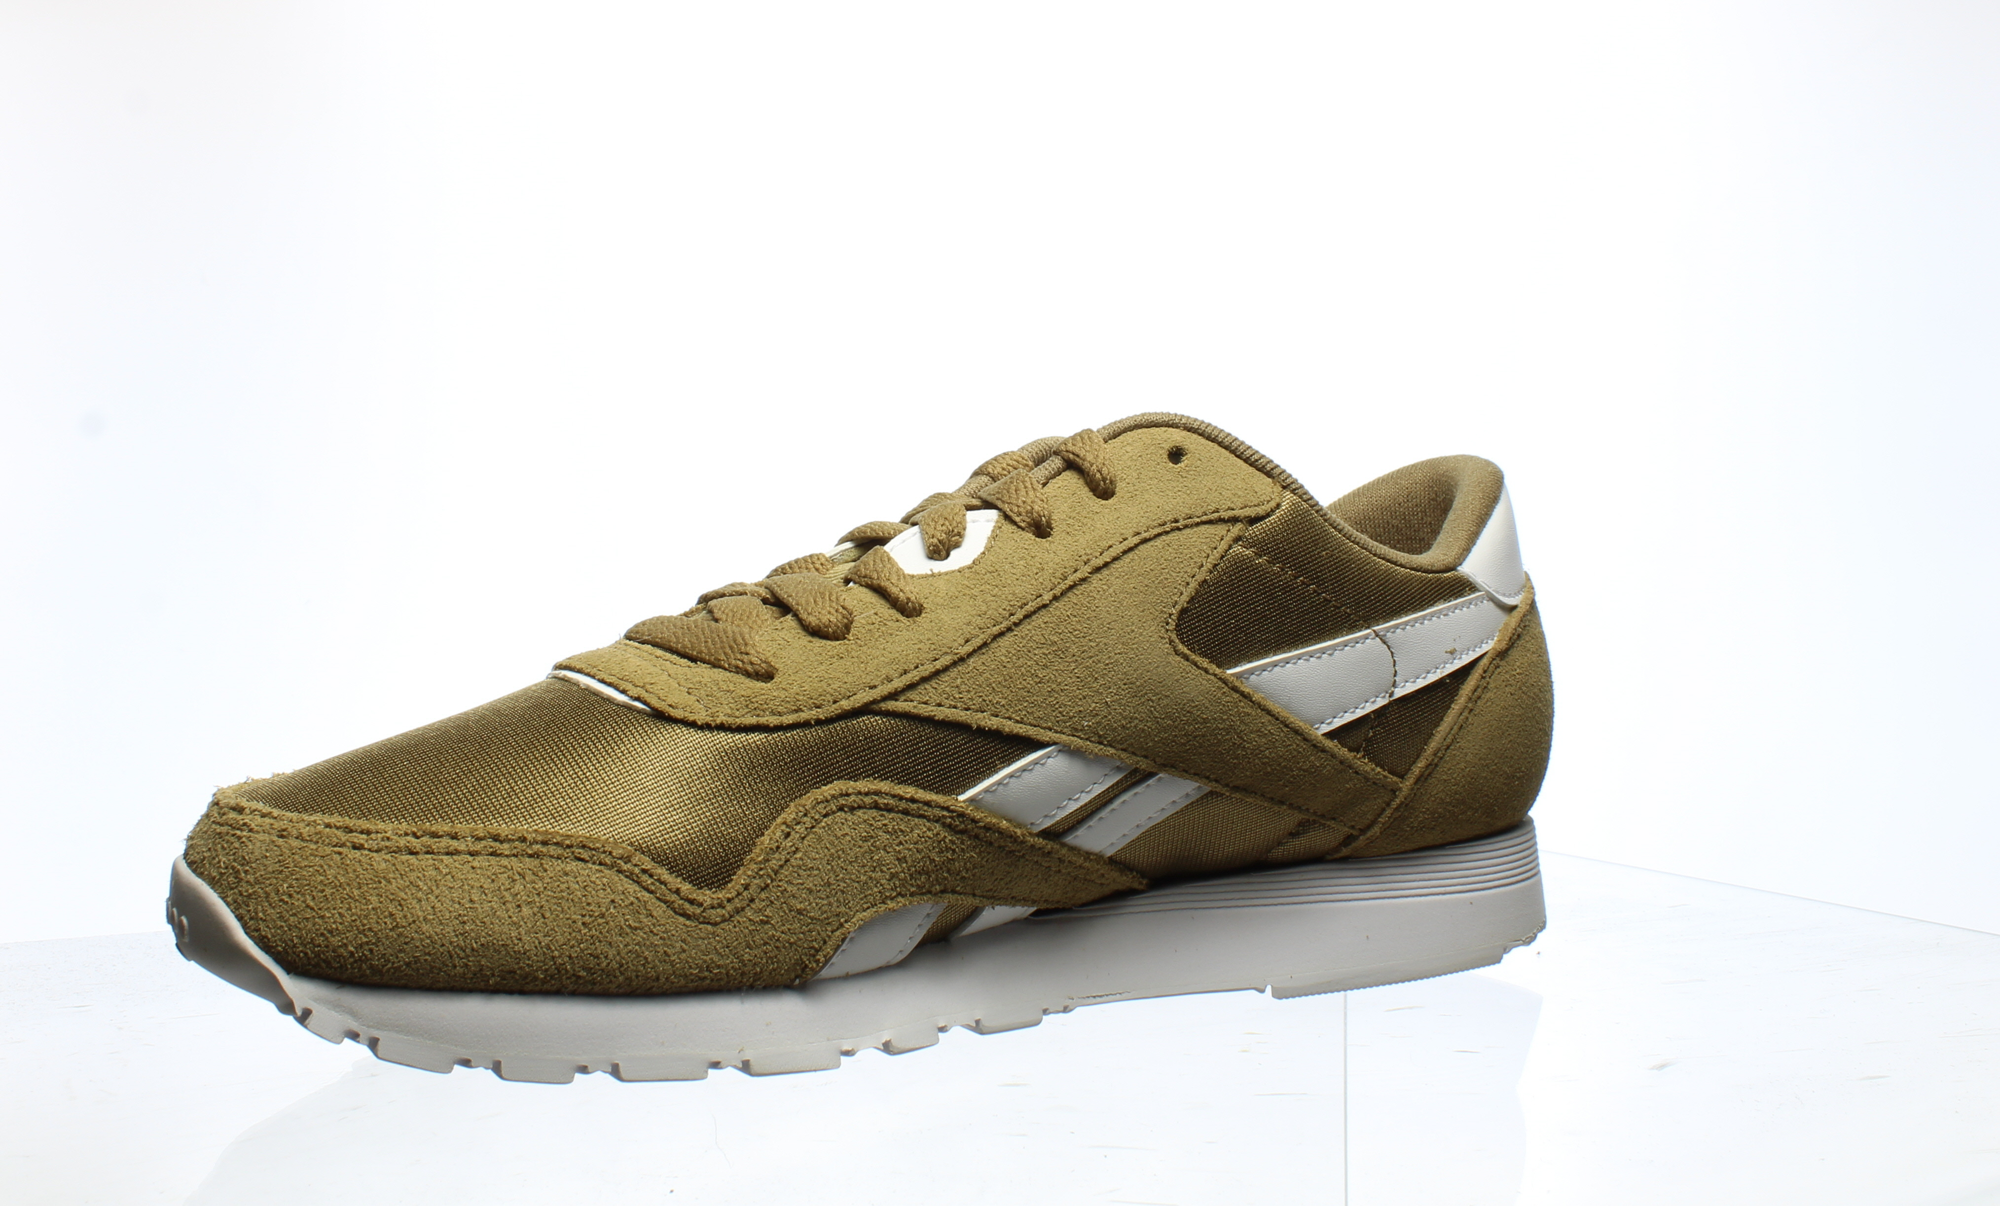 Reebok-Mens-Cl-Nylon-Fashion-Sneakers thumbnail 39